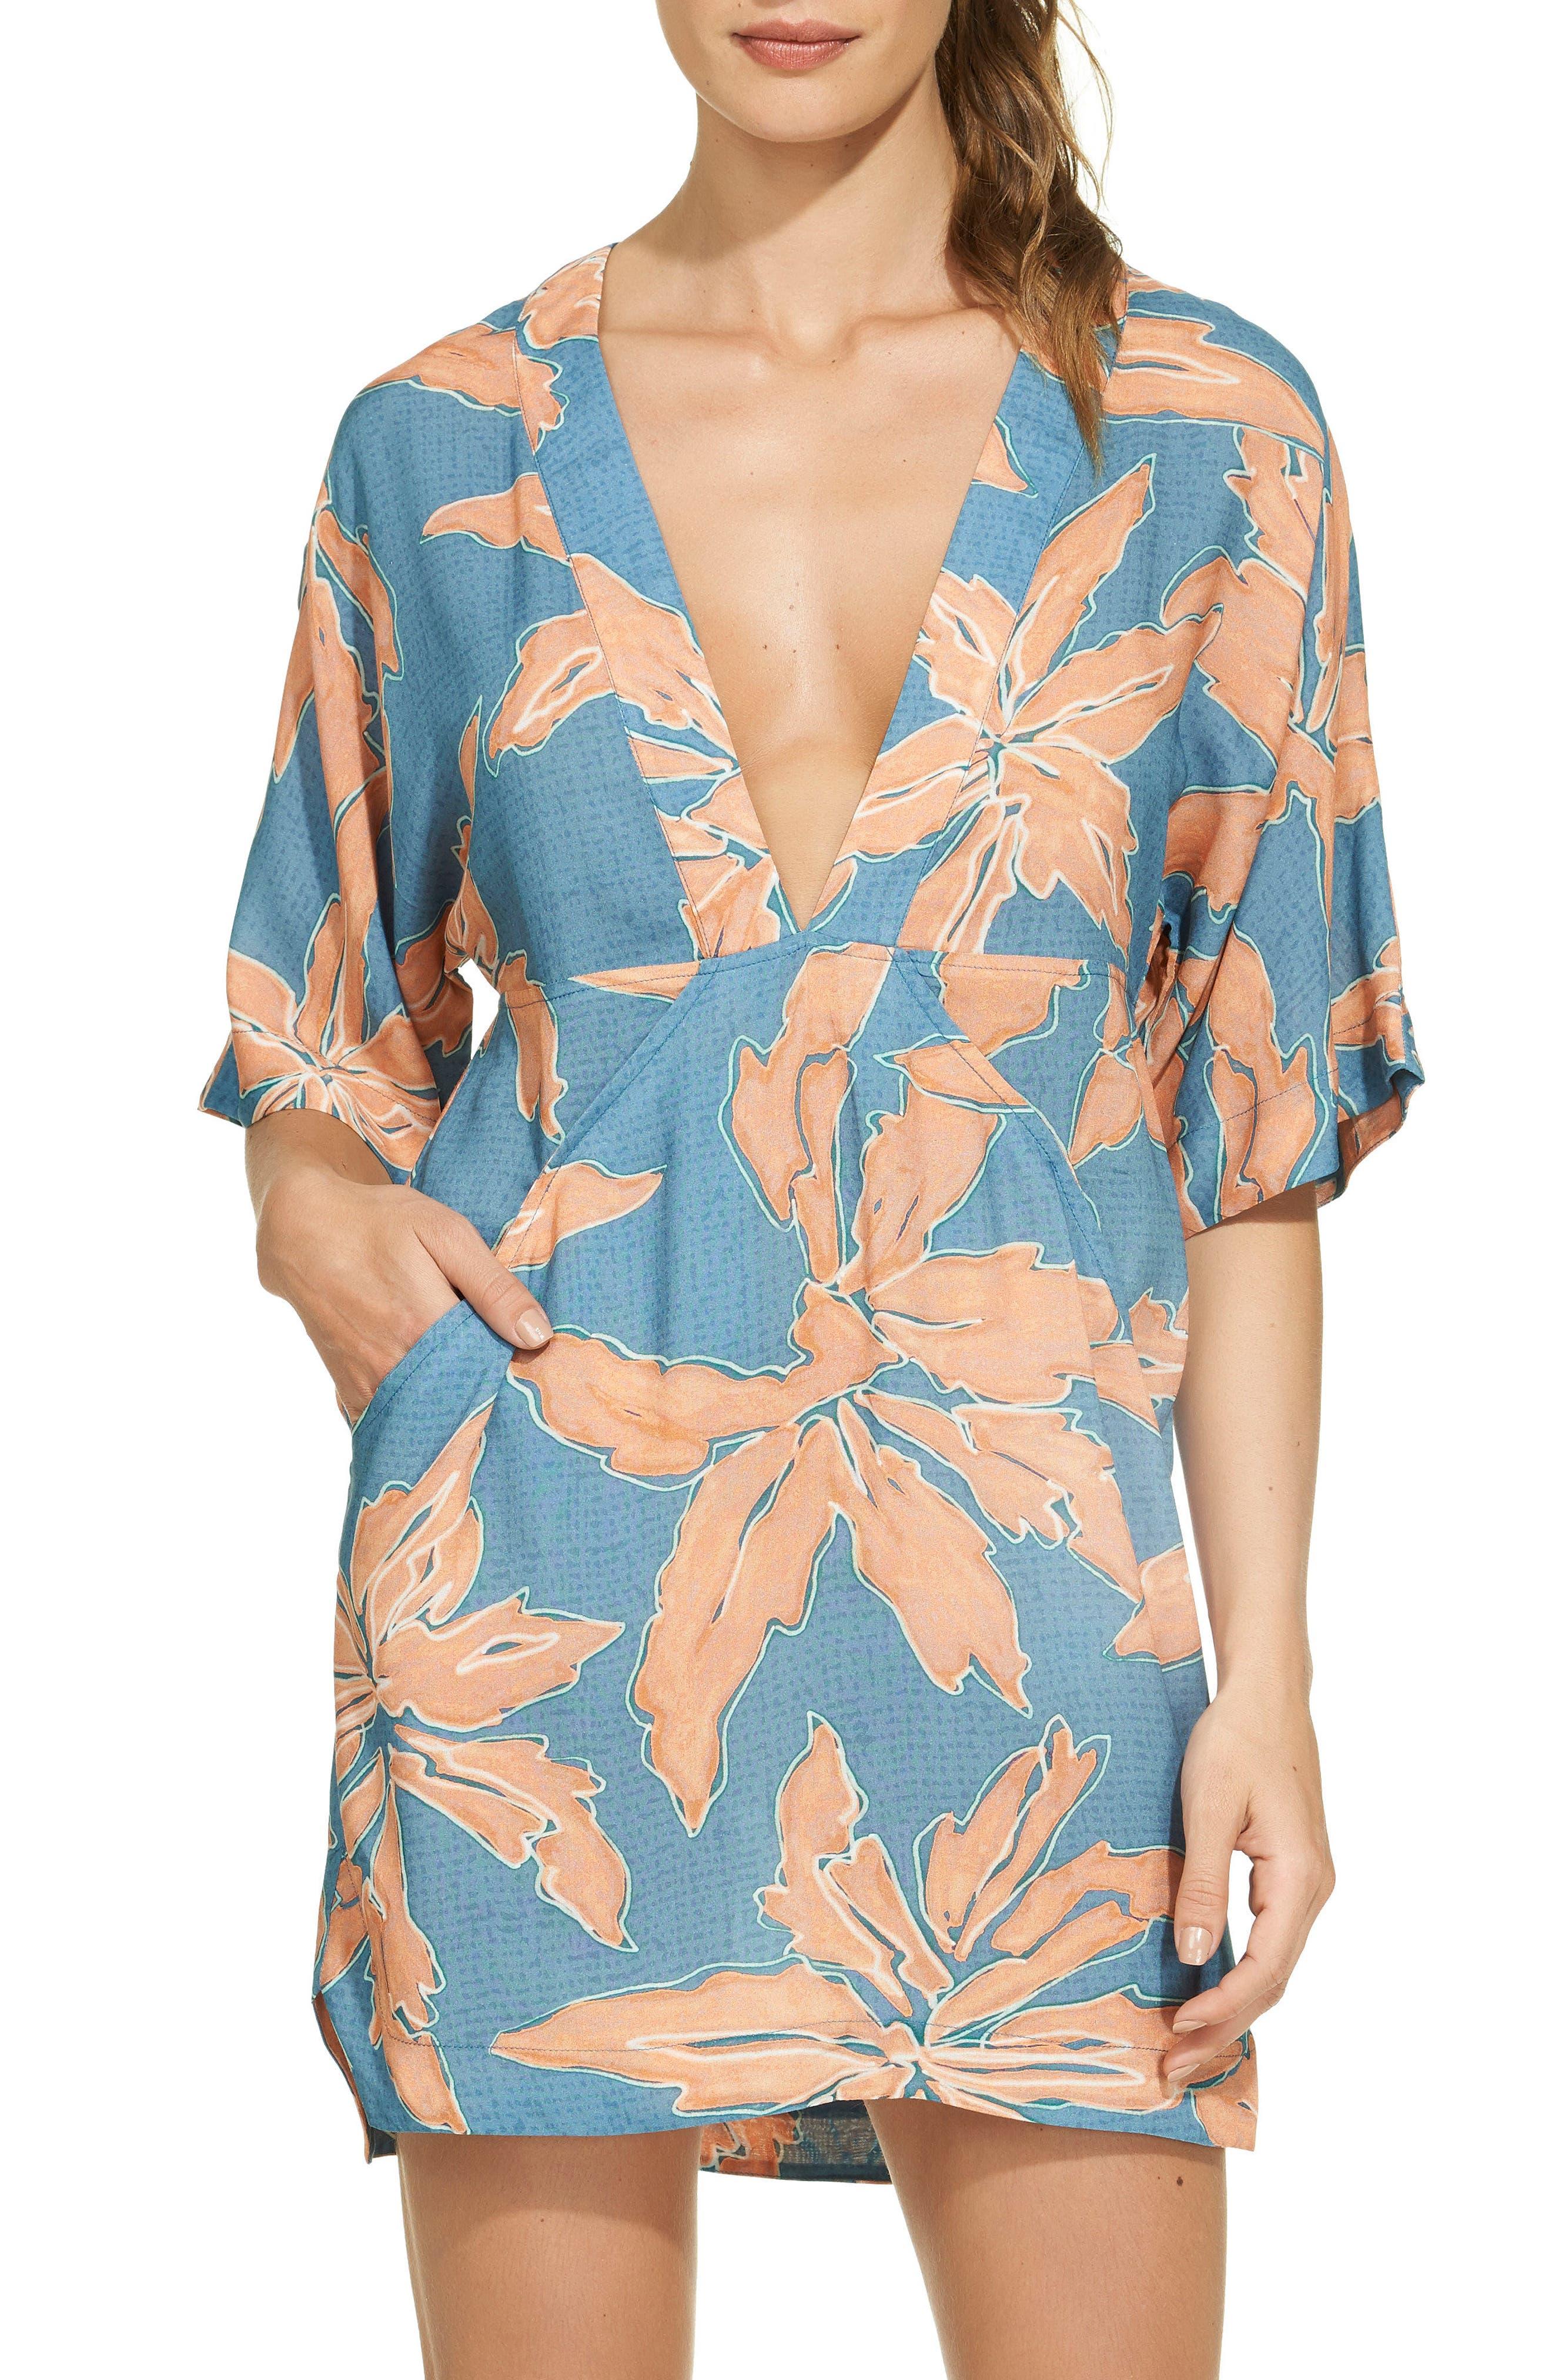 Alternate Image 1 Selected - ViX Swimwear Margarita Cloe Cover-Up Caftan